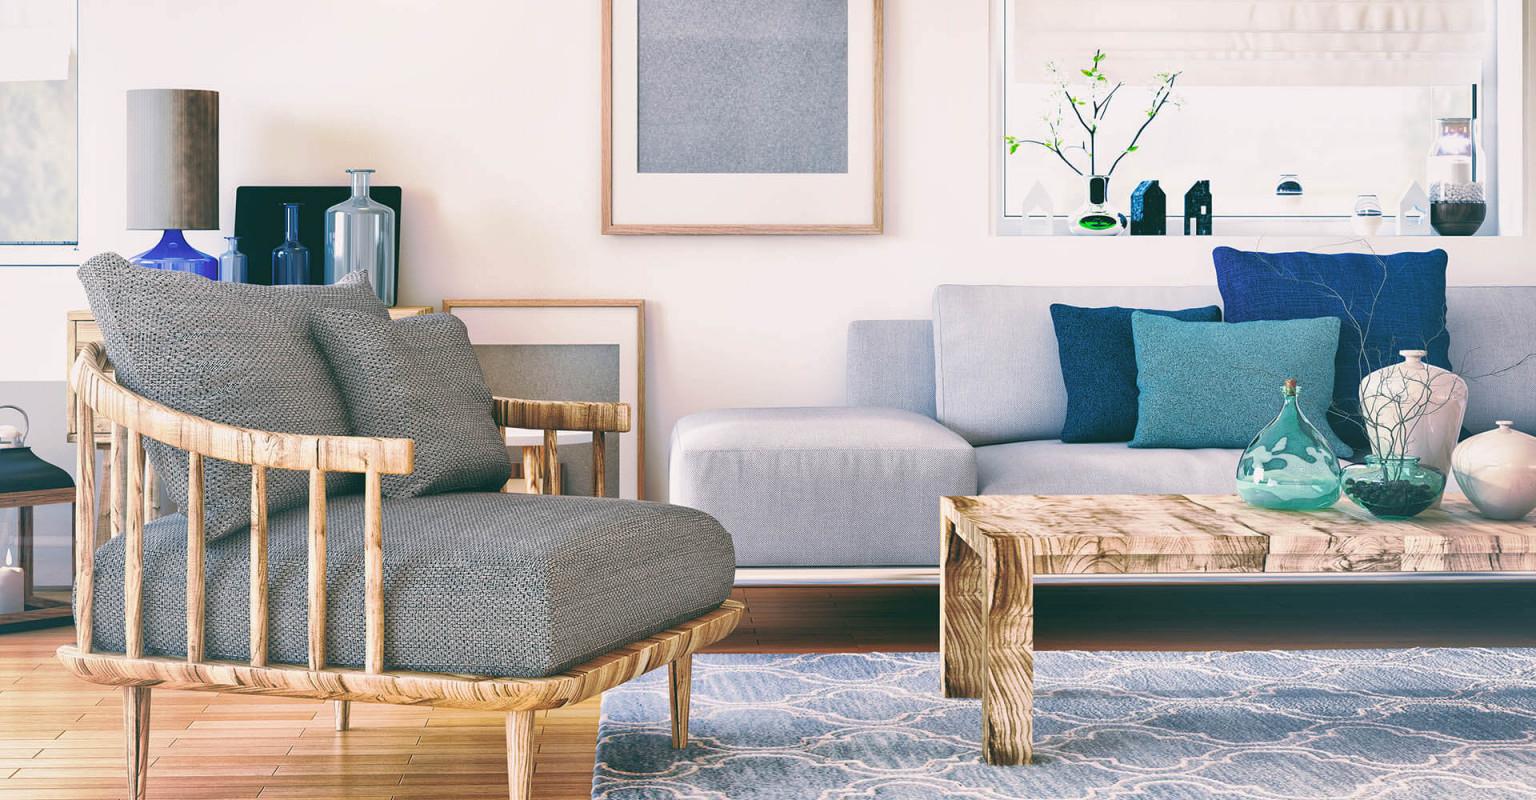 Wohnzimmer Gemütlich Einrichten  8 Schnell Umsetzbare Tipps von Wohnzimmer Gemütlich Gestalten Photo